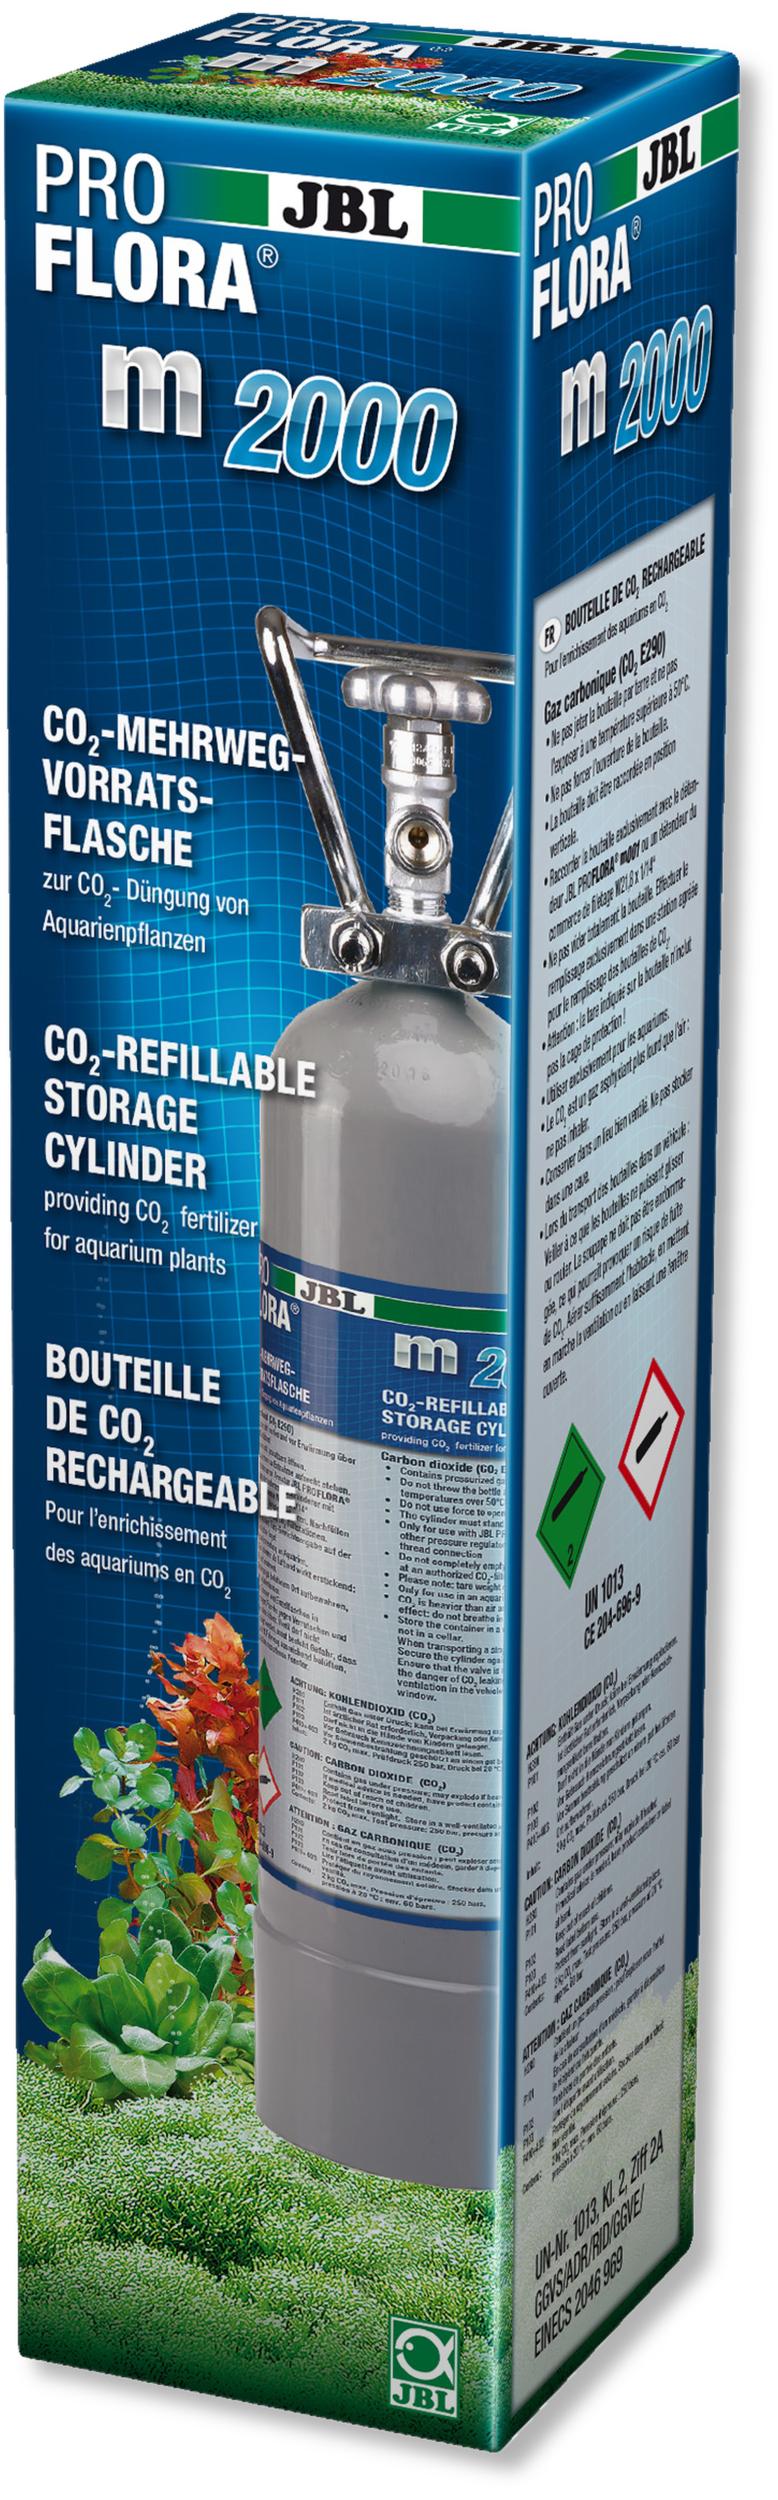 JBL Proflora m2000 Silver bouteille de CO2 de 2 kg rechargeable